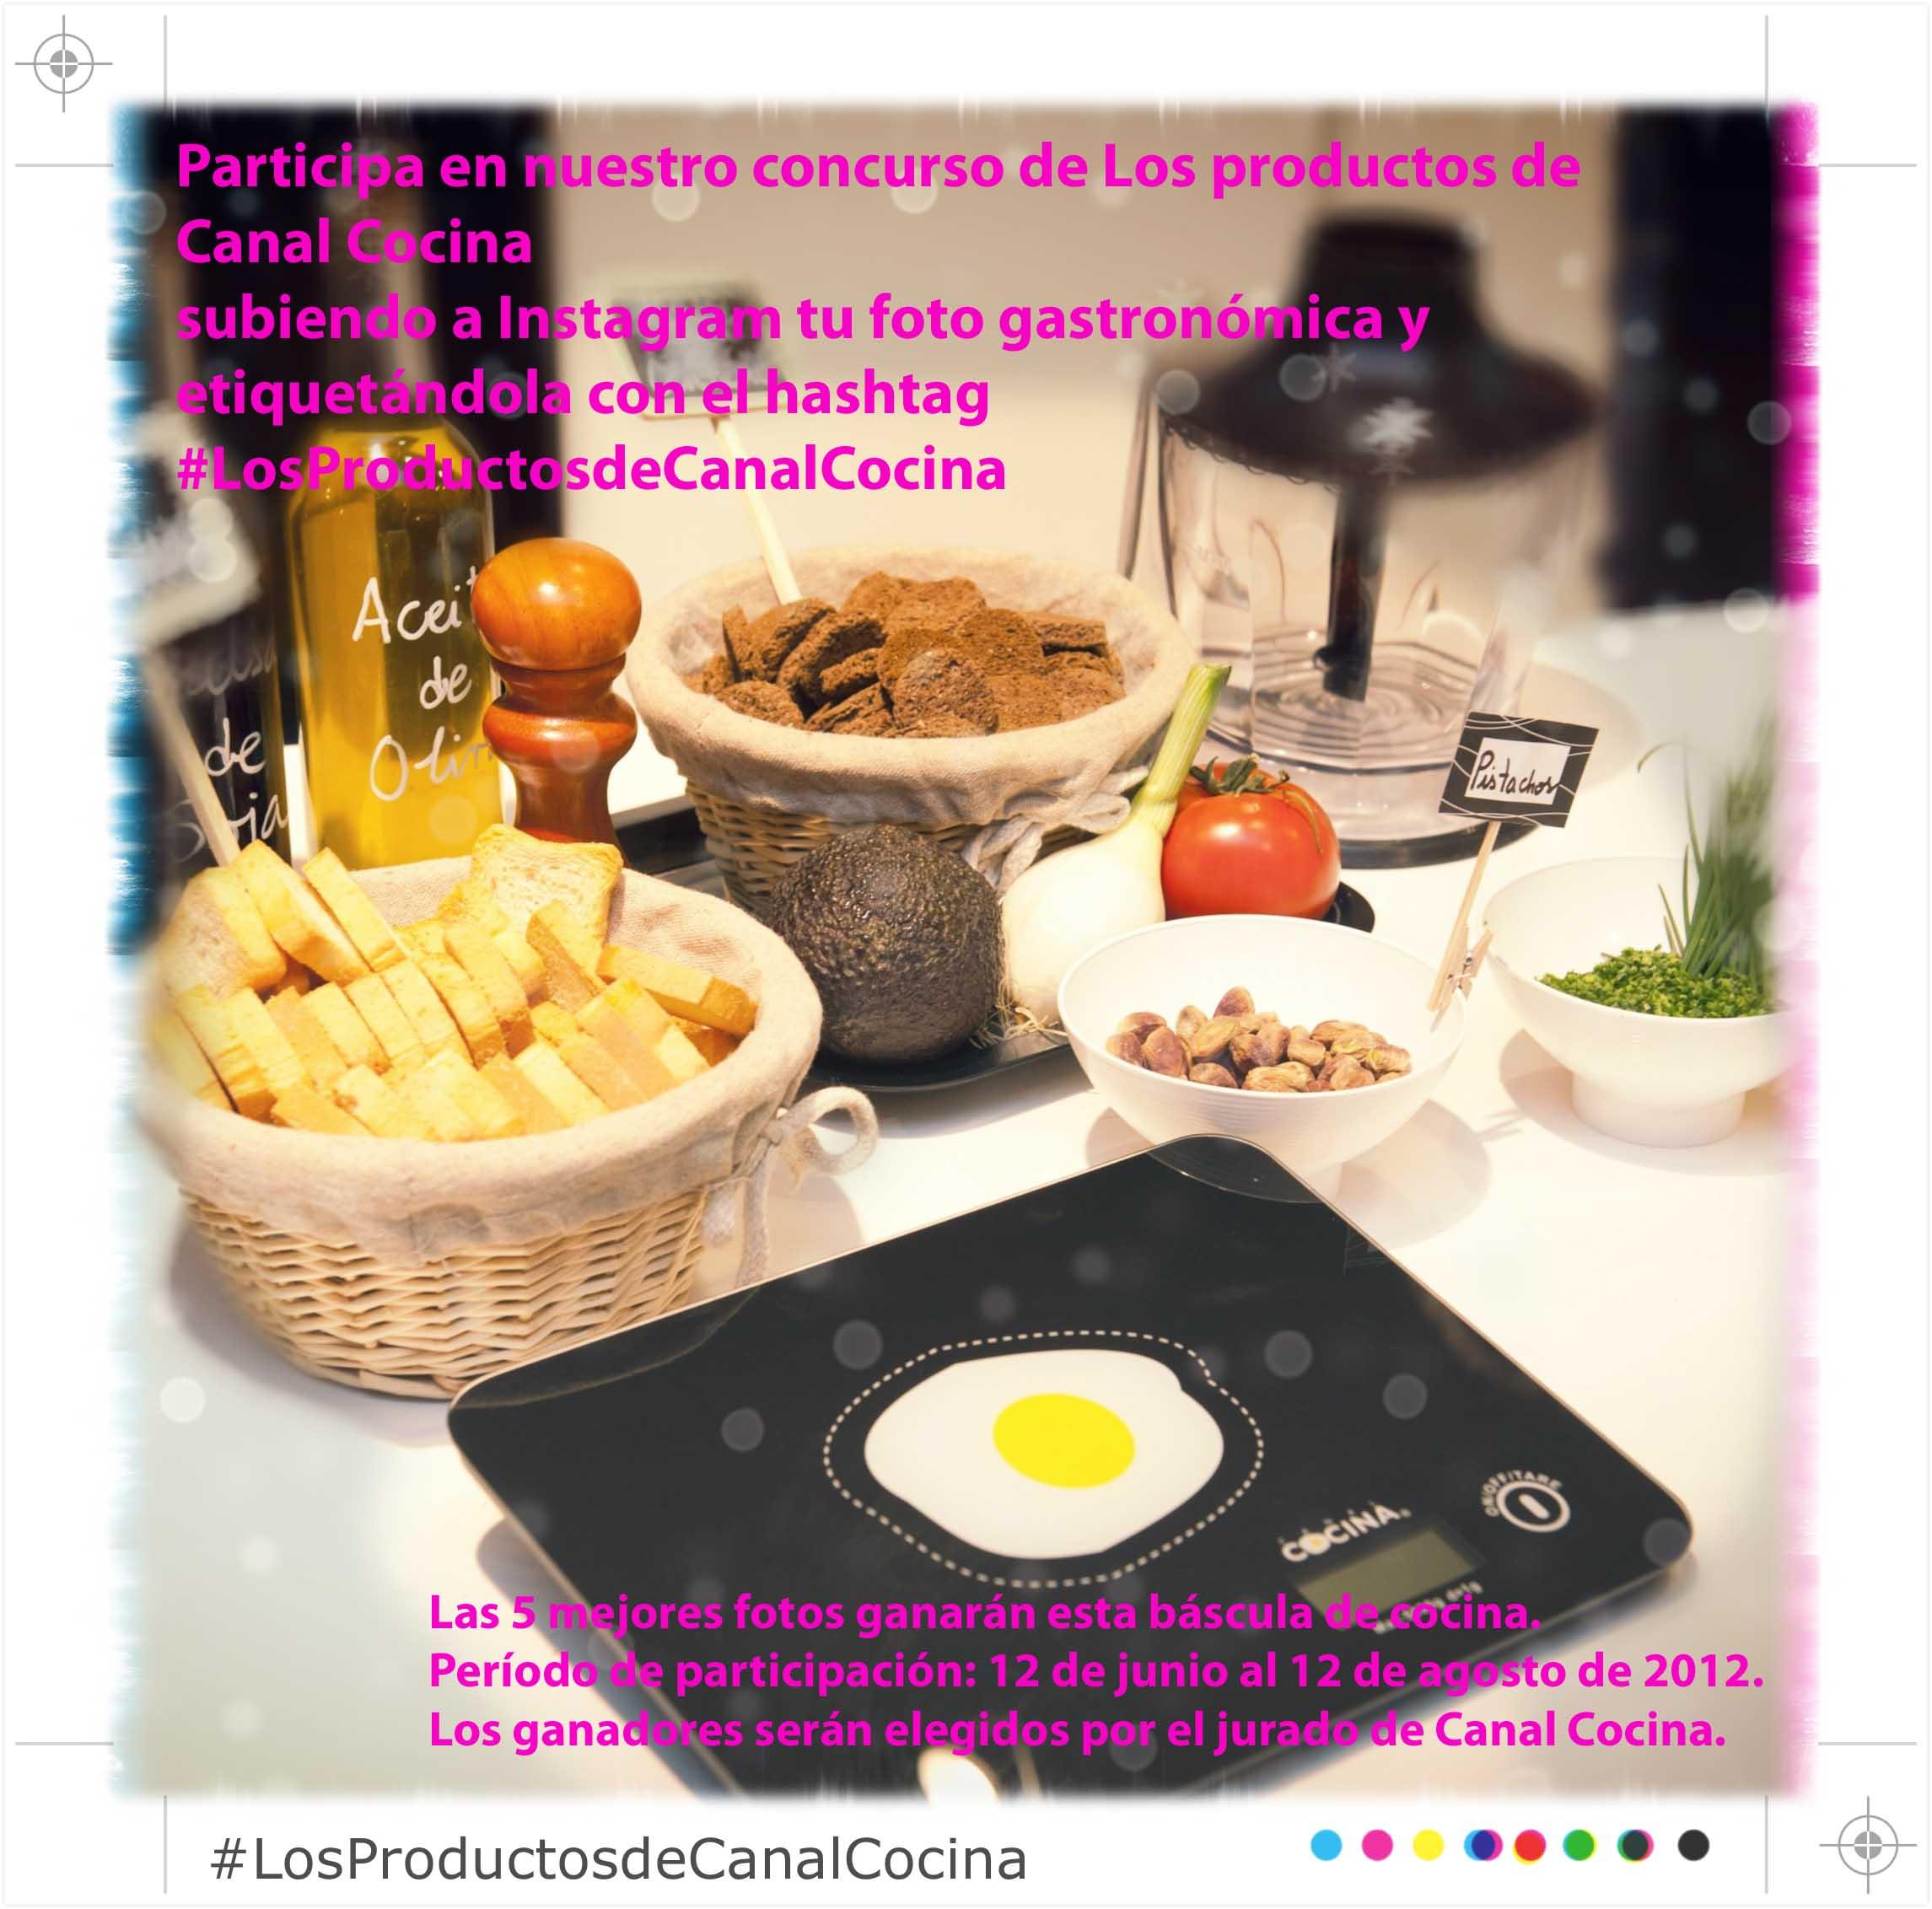 Nuevo concurso de Canal Cocina en Instagram